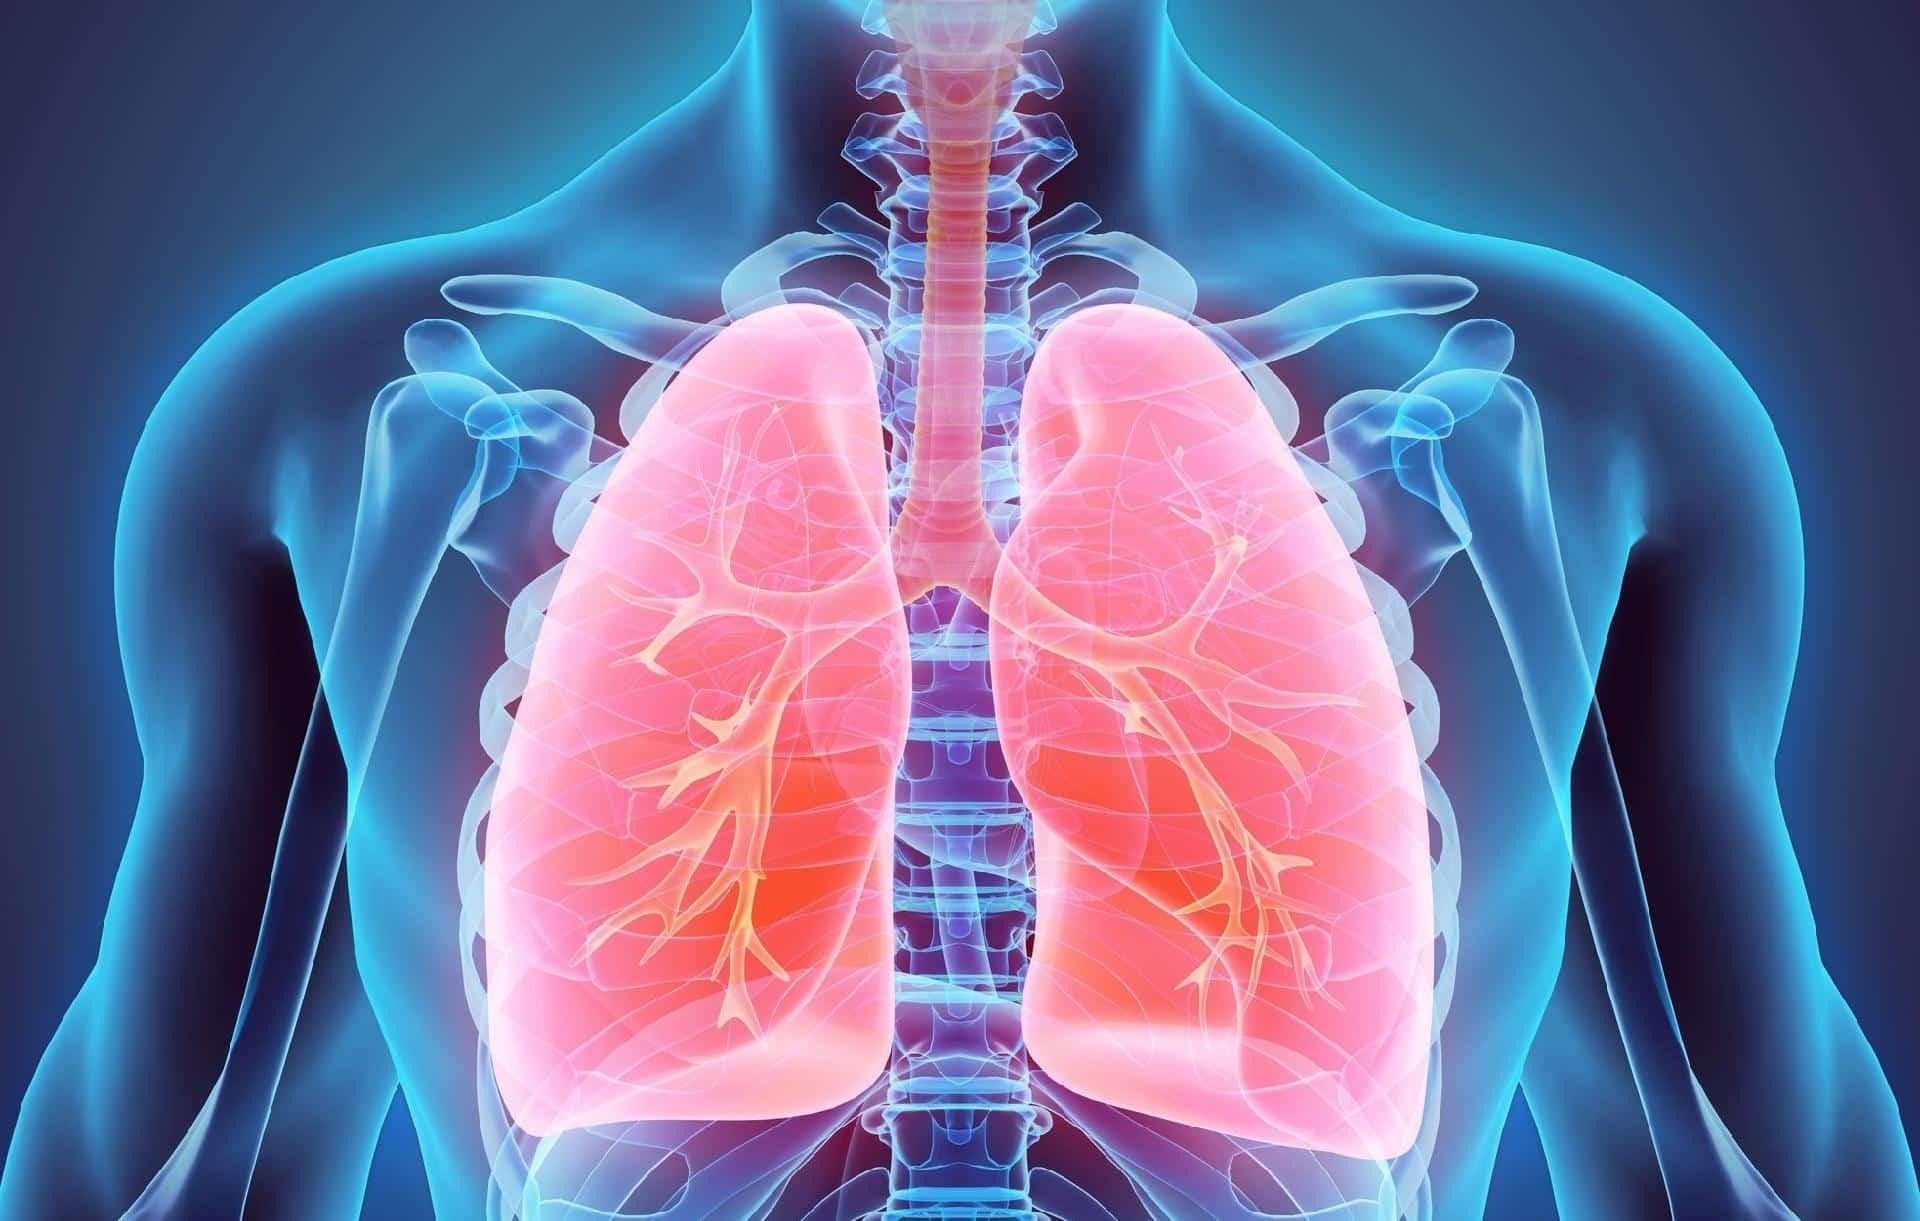 Sistema circulatório de porcos reparam pulmões humanos danificados, diz experimento